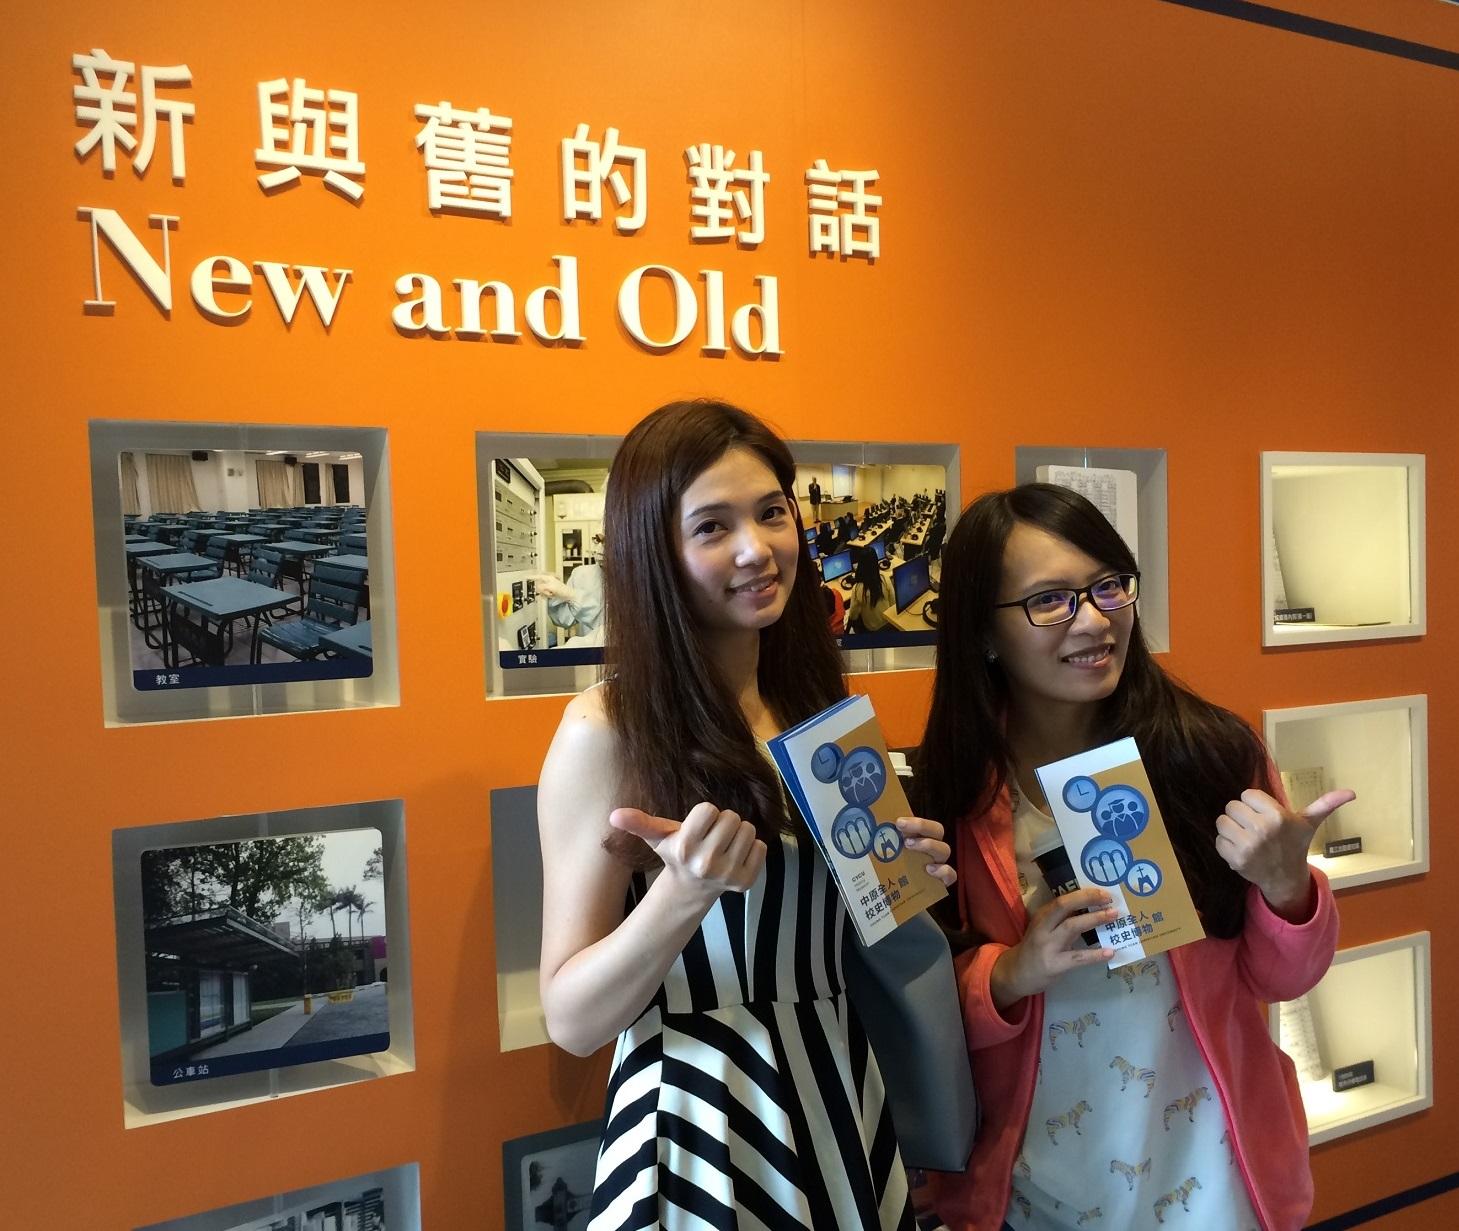 通稿照片-中原大學工業系、企管系的年輕校友,看著展示的老照片,回味過往的校園生活。.JPG